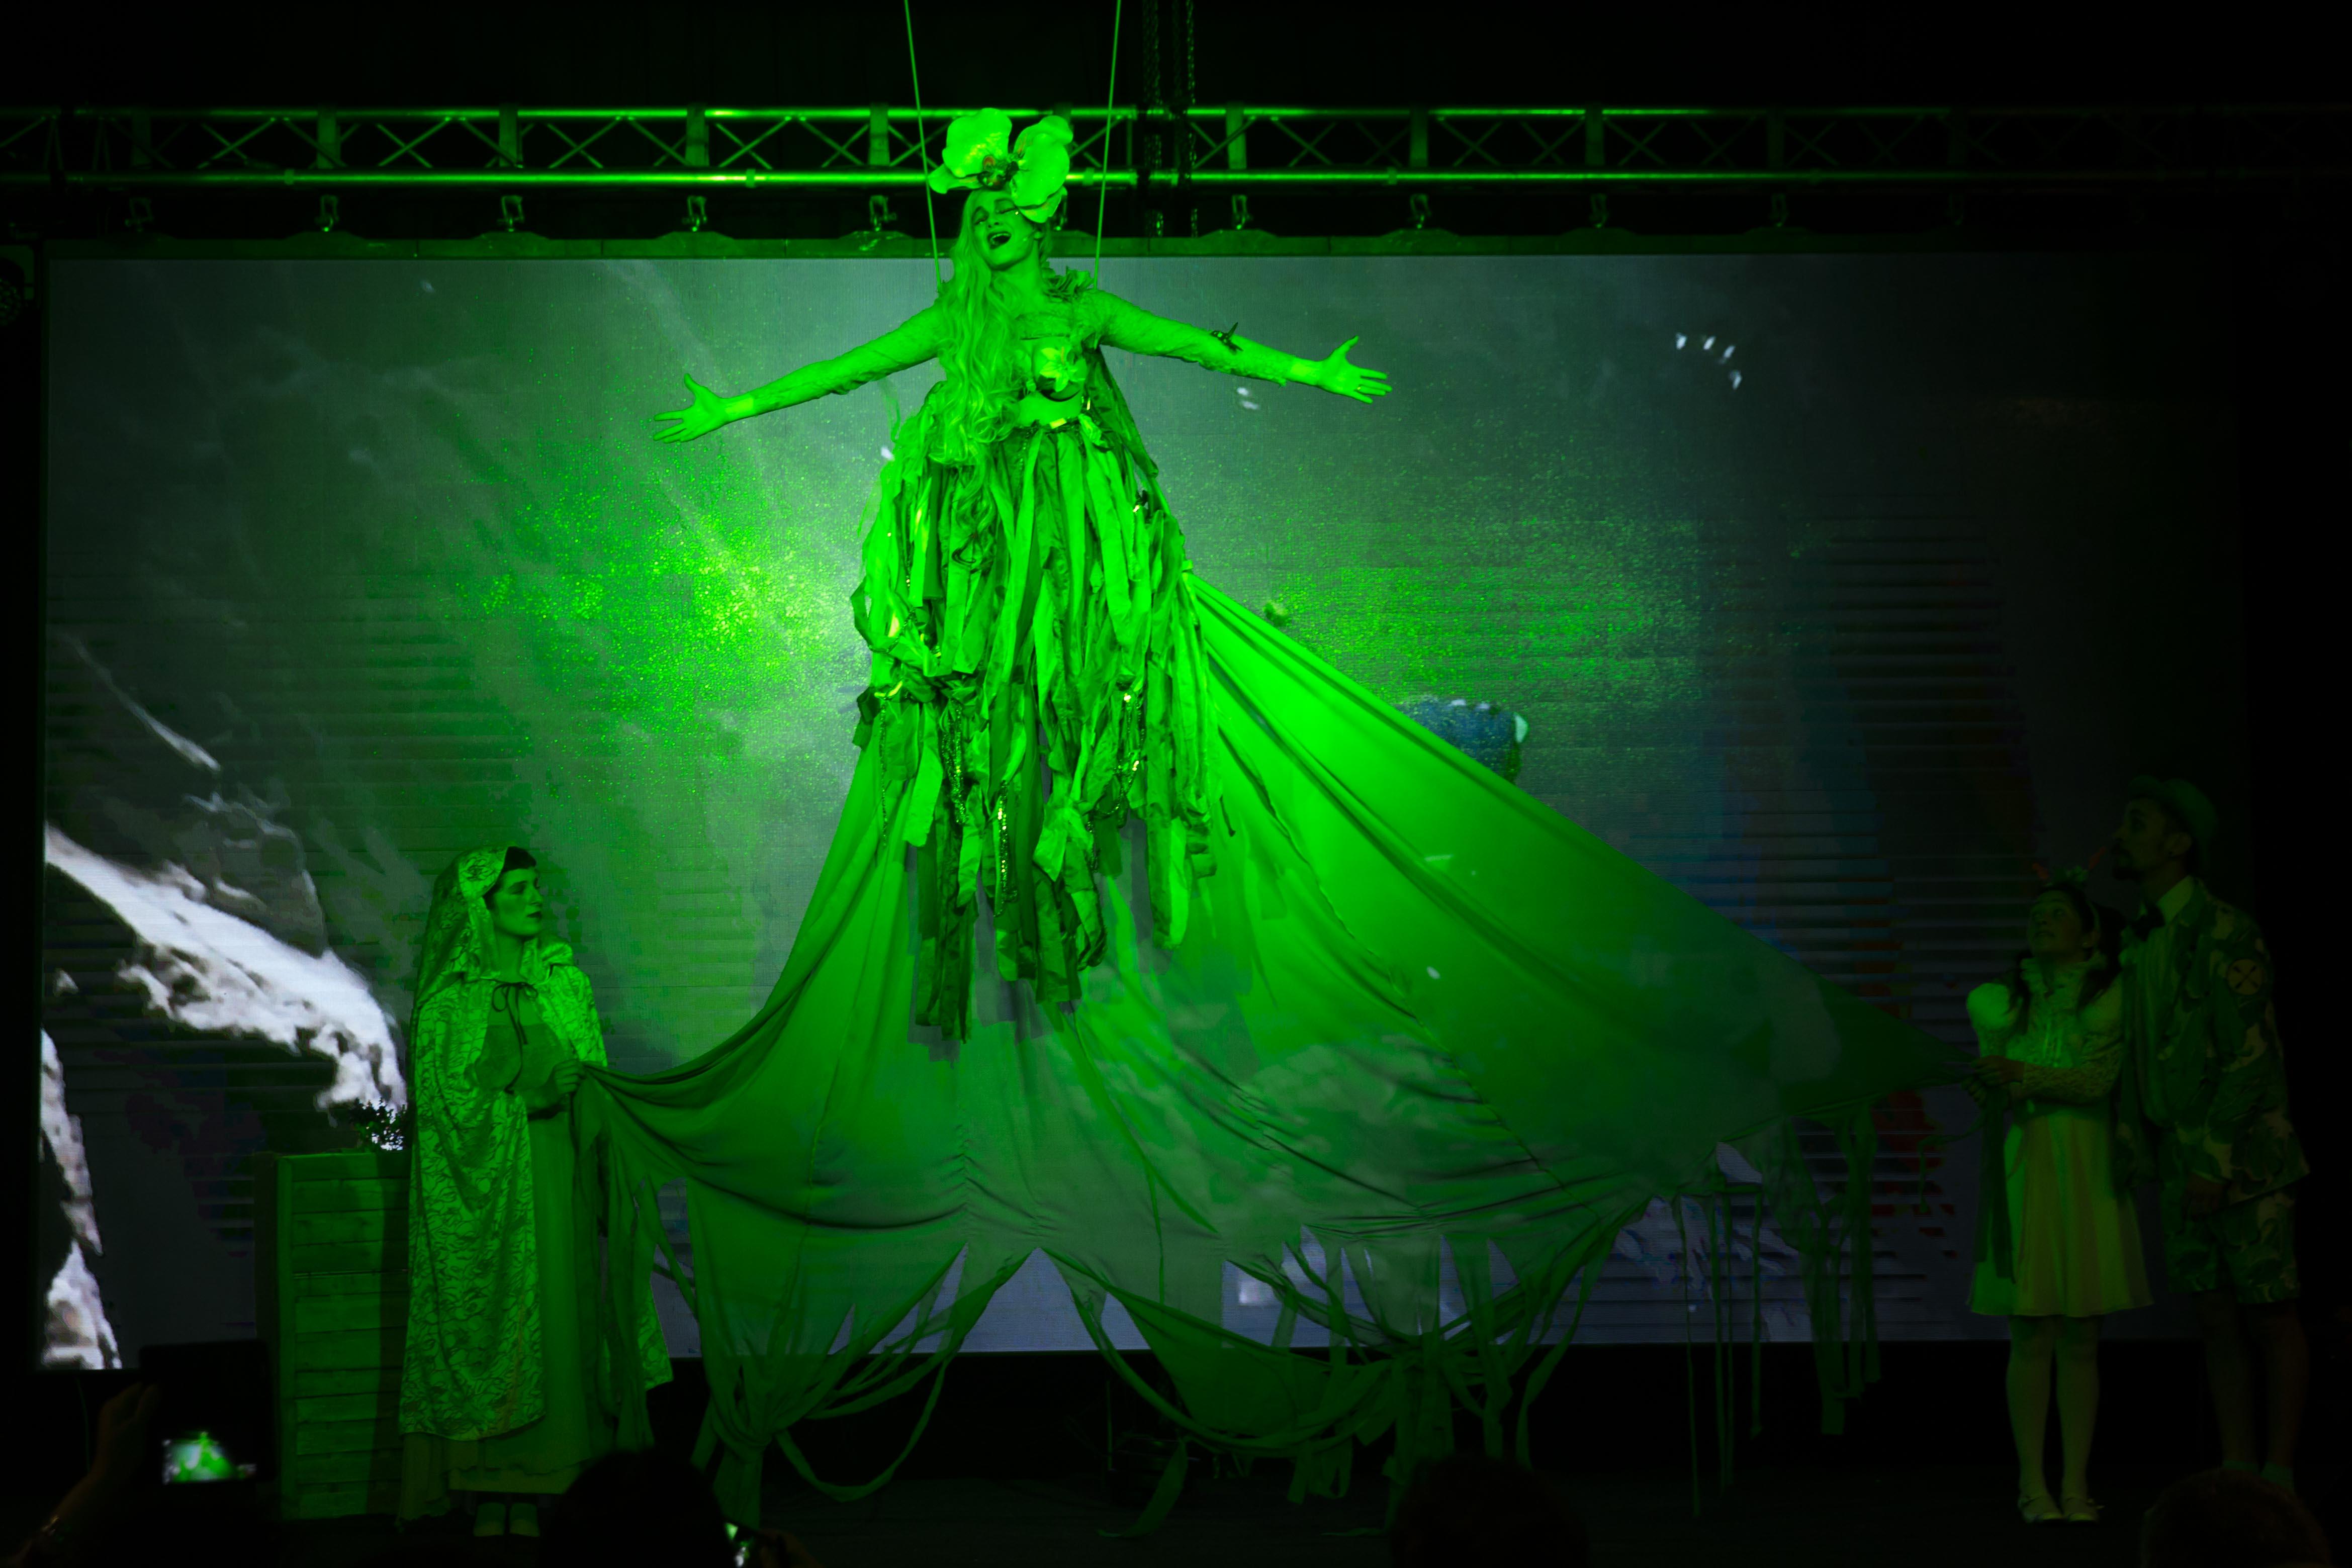 057 - show prismal biogreen - MATS7240 - Matias Salgado